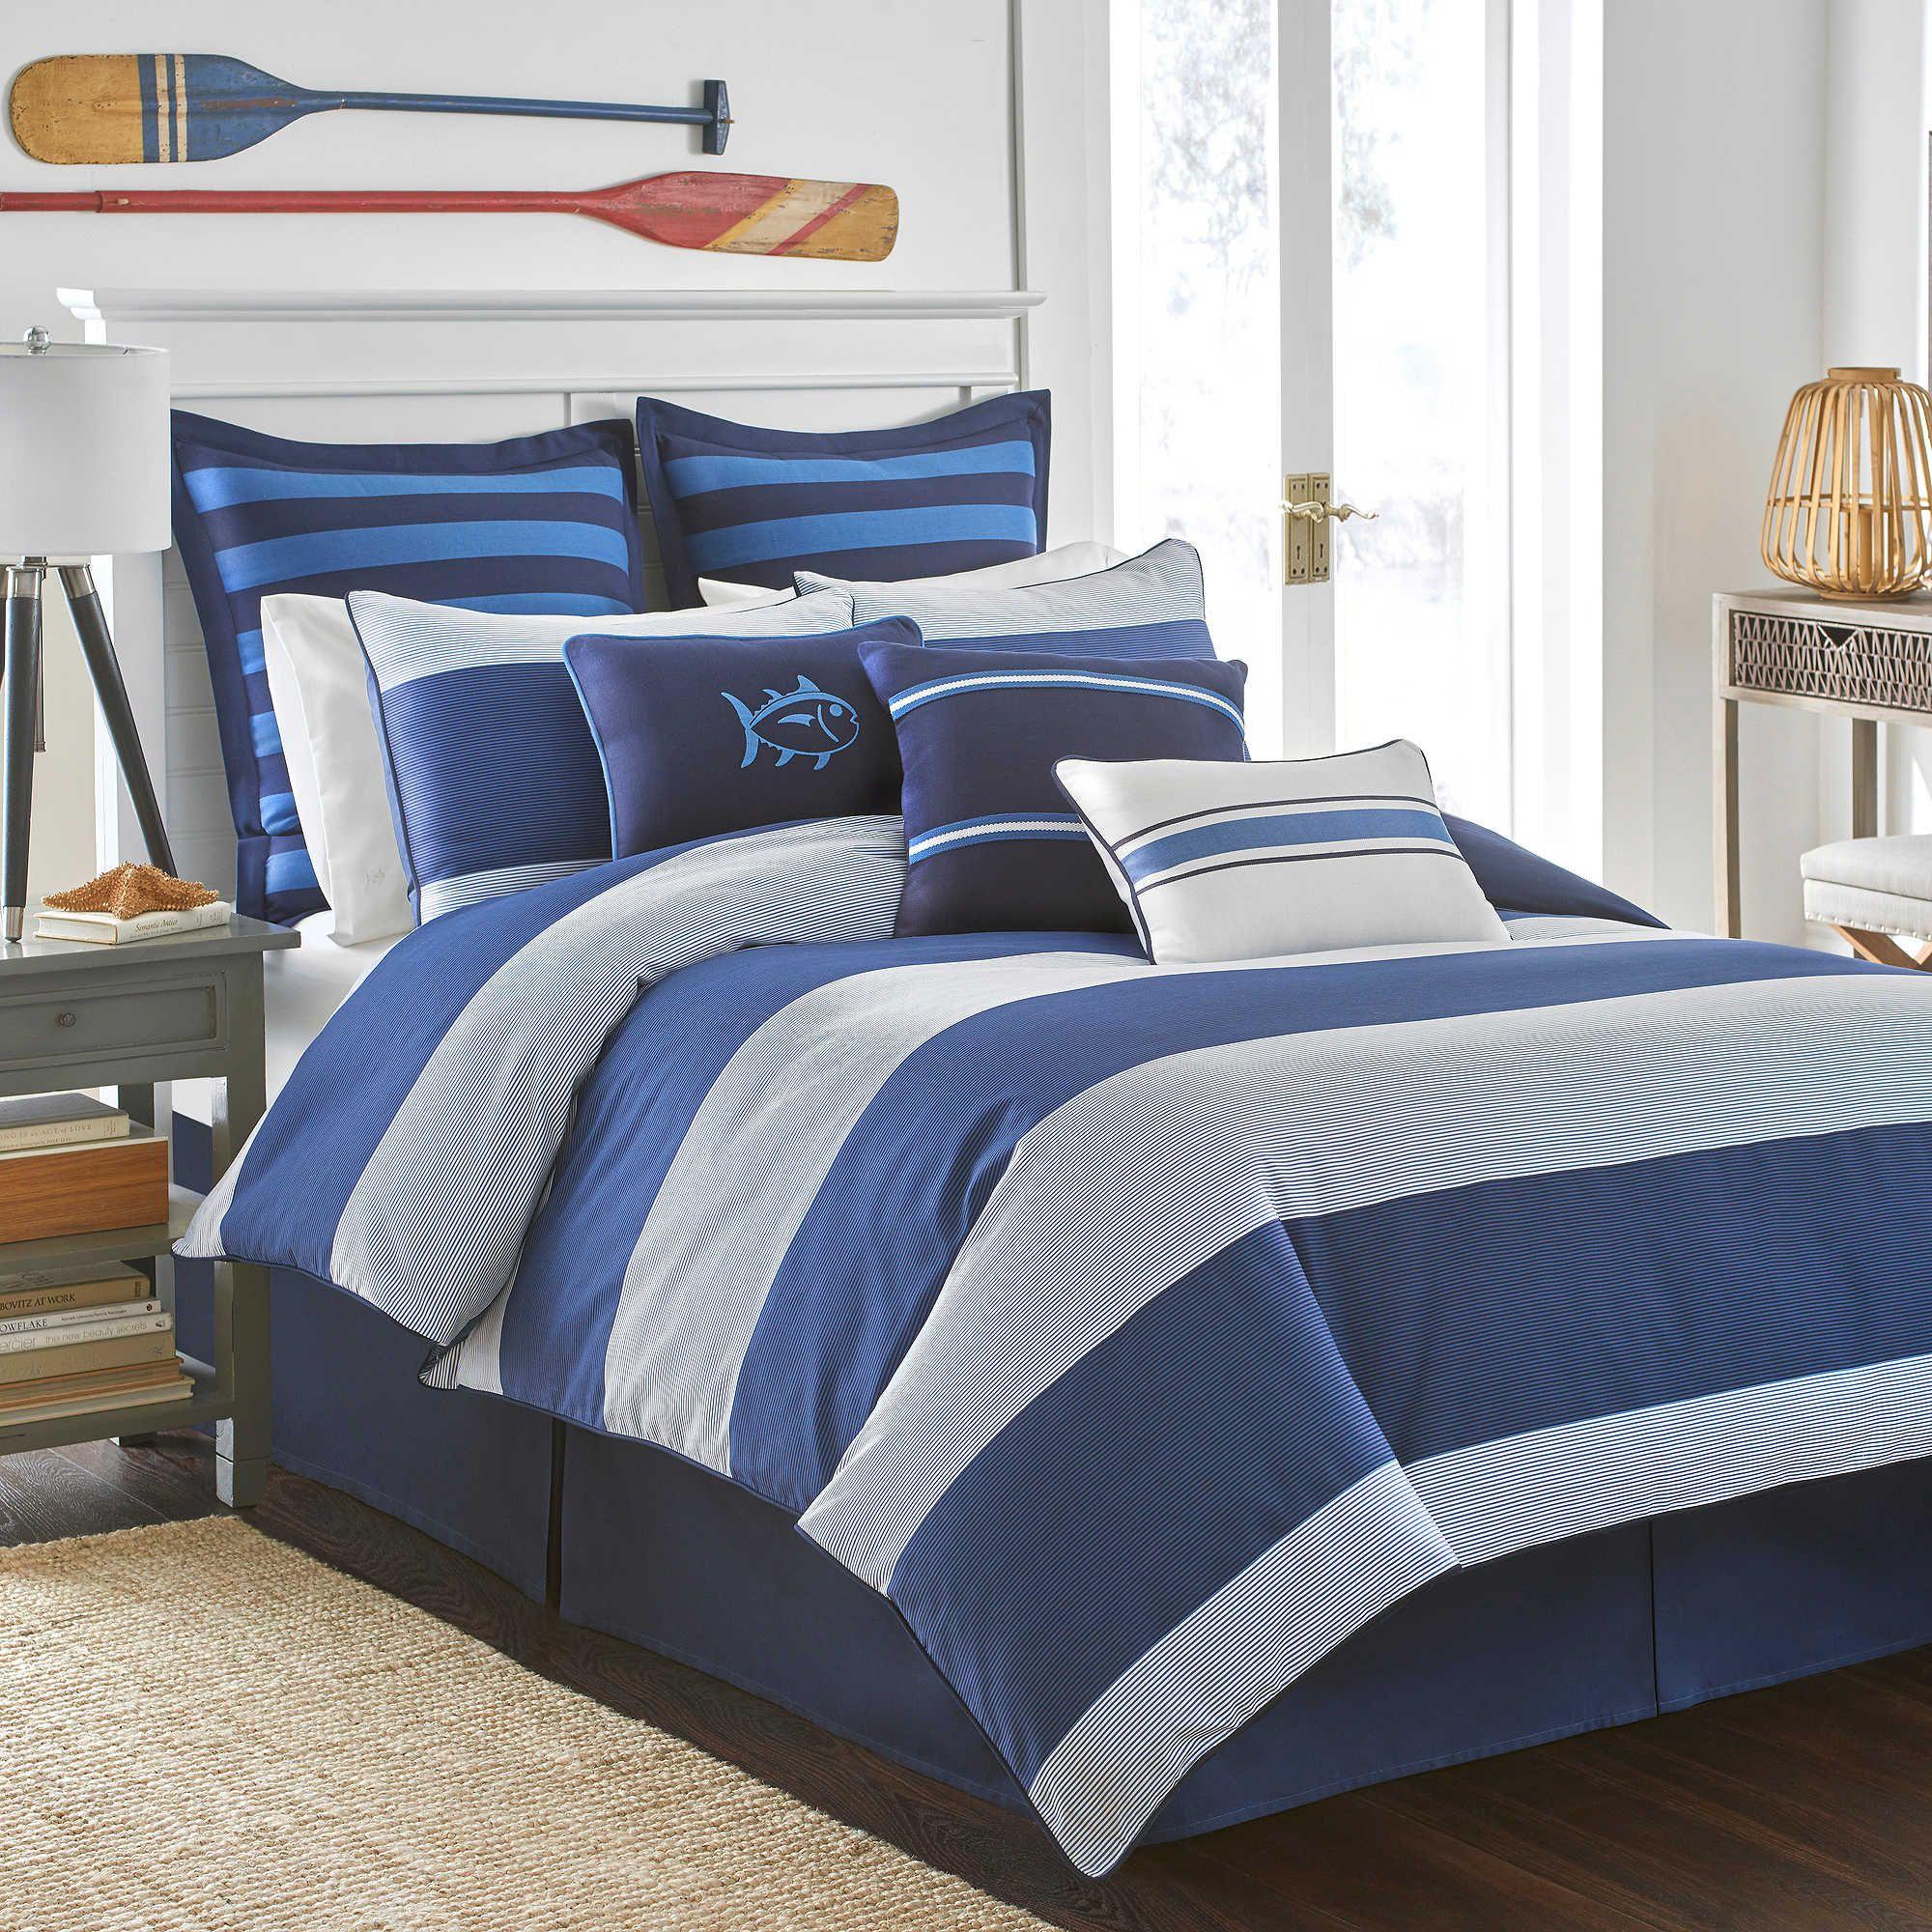 full westpointhome summerville comforter blue southern tide com set